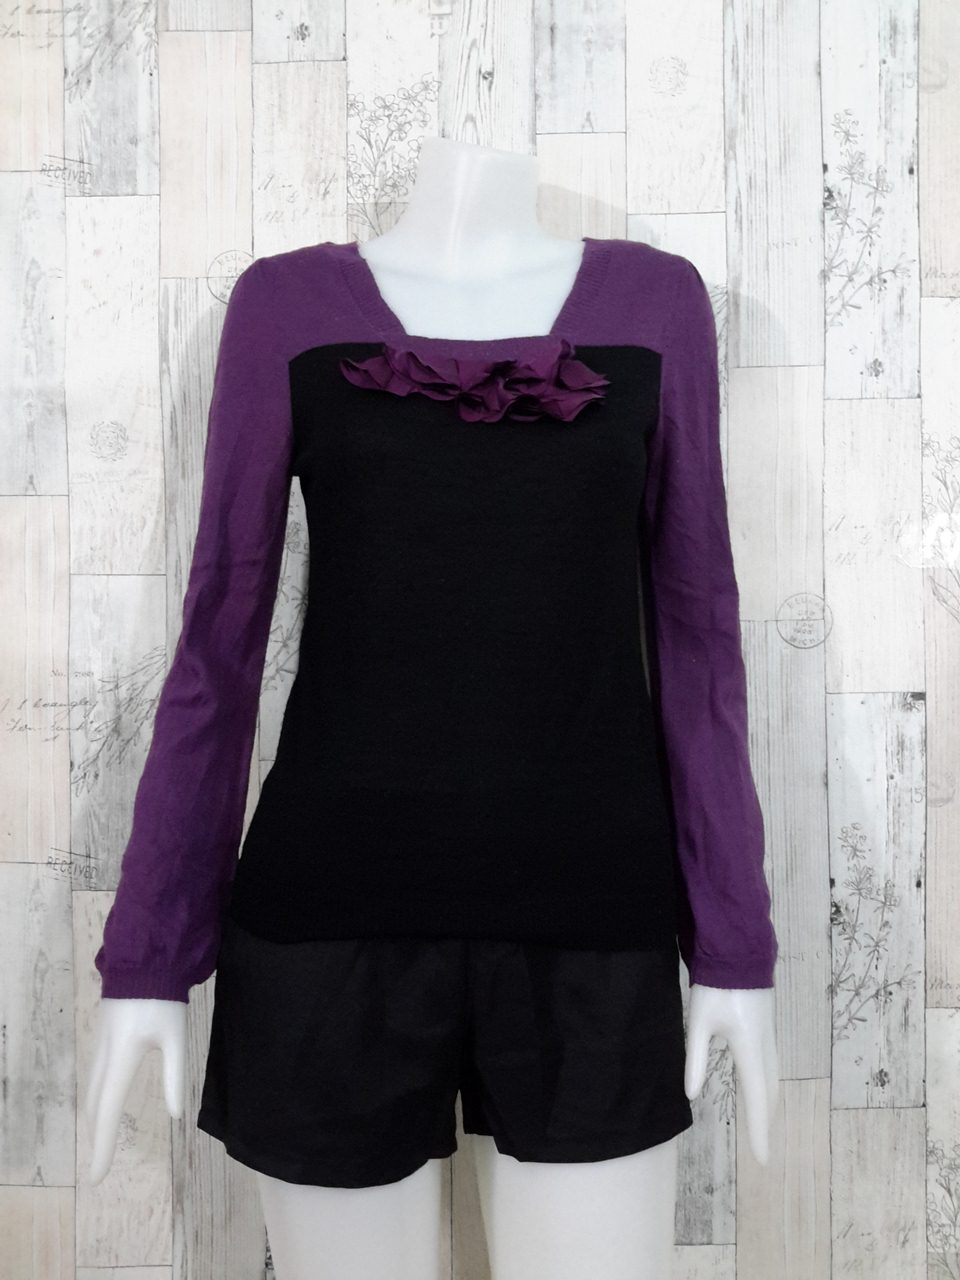 Blouse3541 2nd hand clothes เสื้อไหมพรมบางเนื้อนุ่ม แขนยาว ช่วงอกแต่งระบายดอกไม้ โทนสีดำม่วง